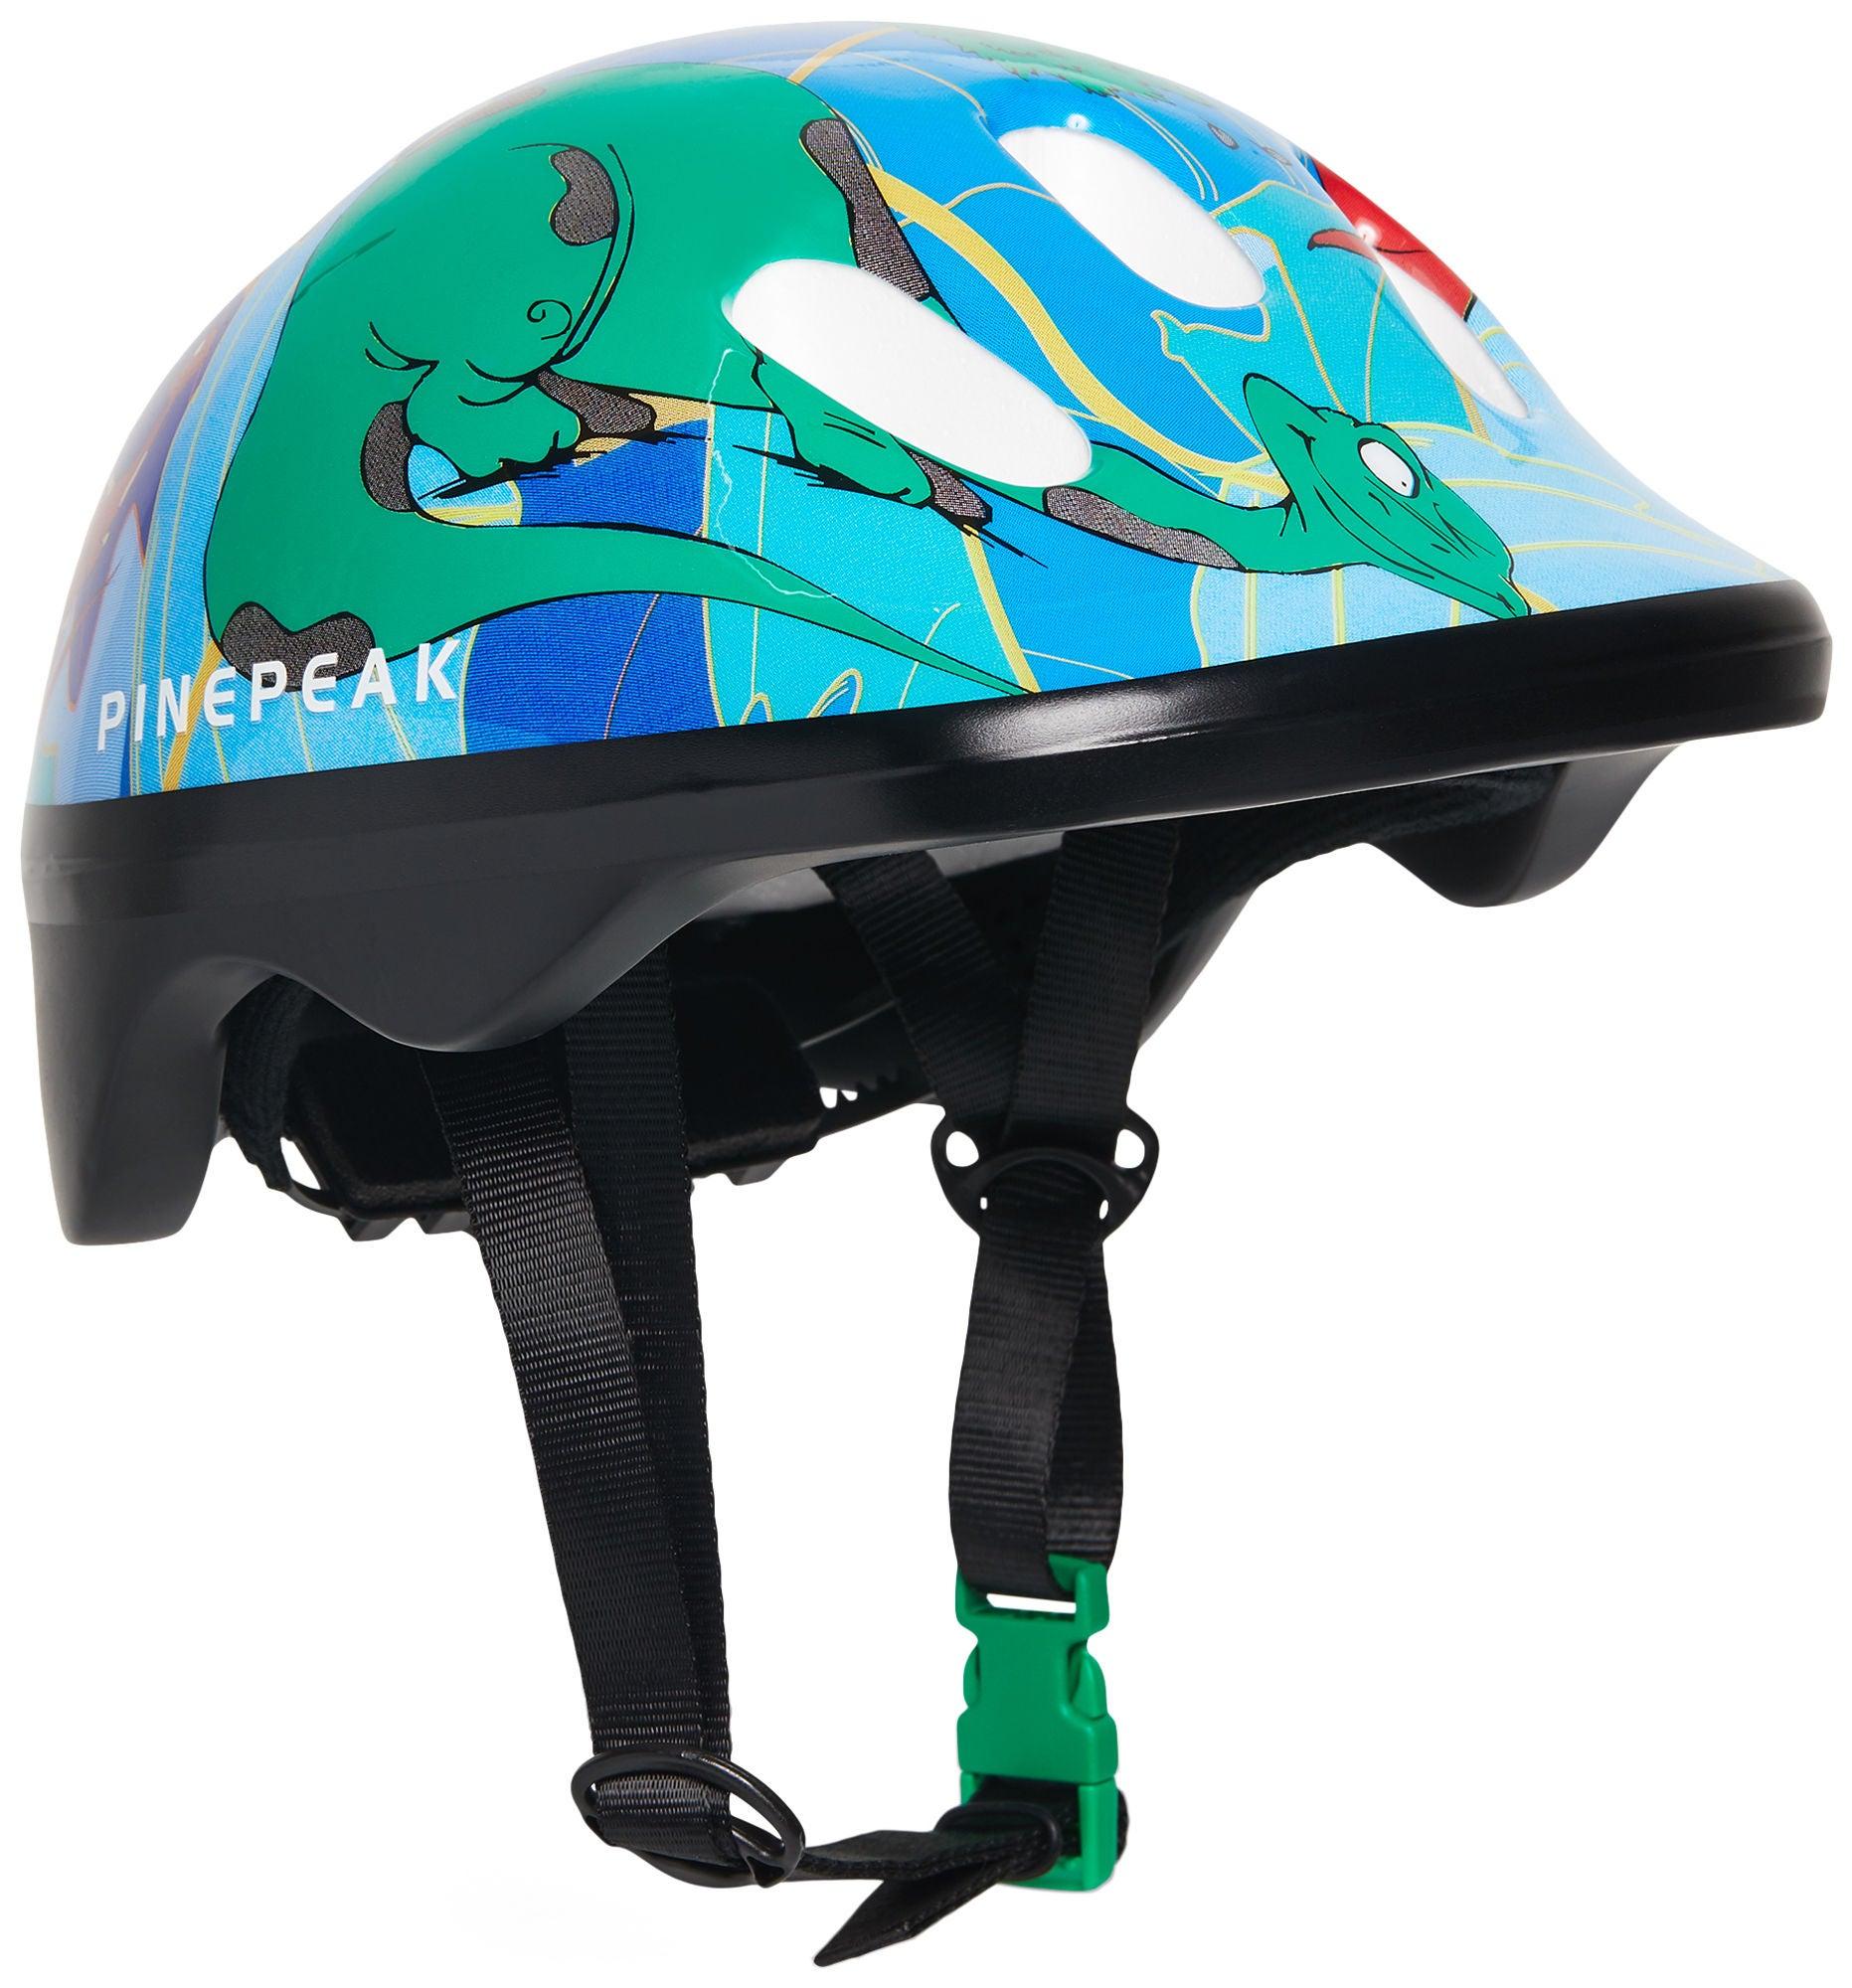 Pinepeak Dino Cykelhjälm, Blå S